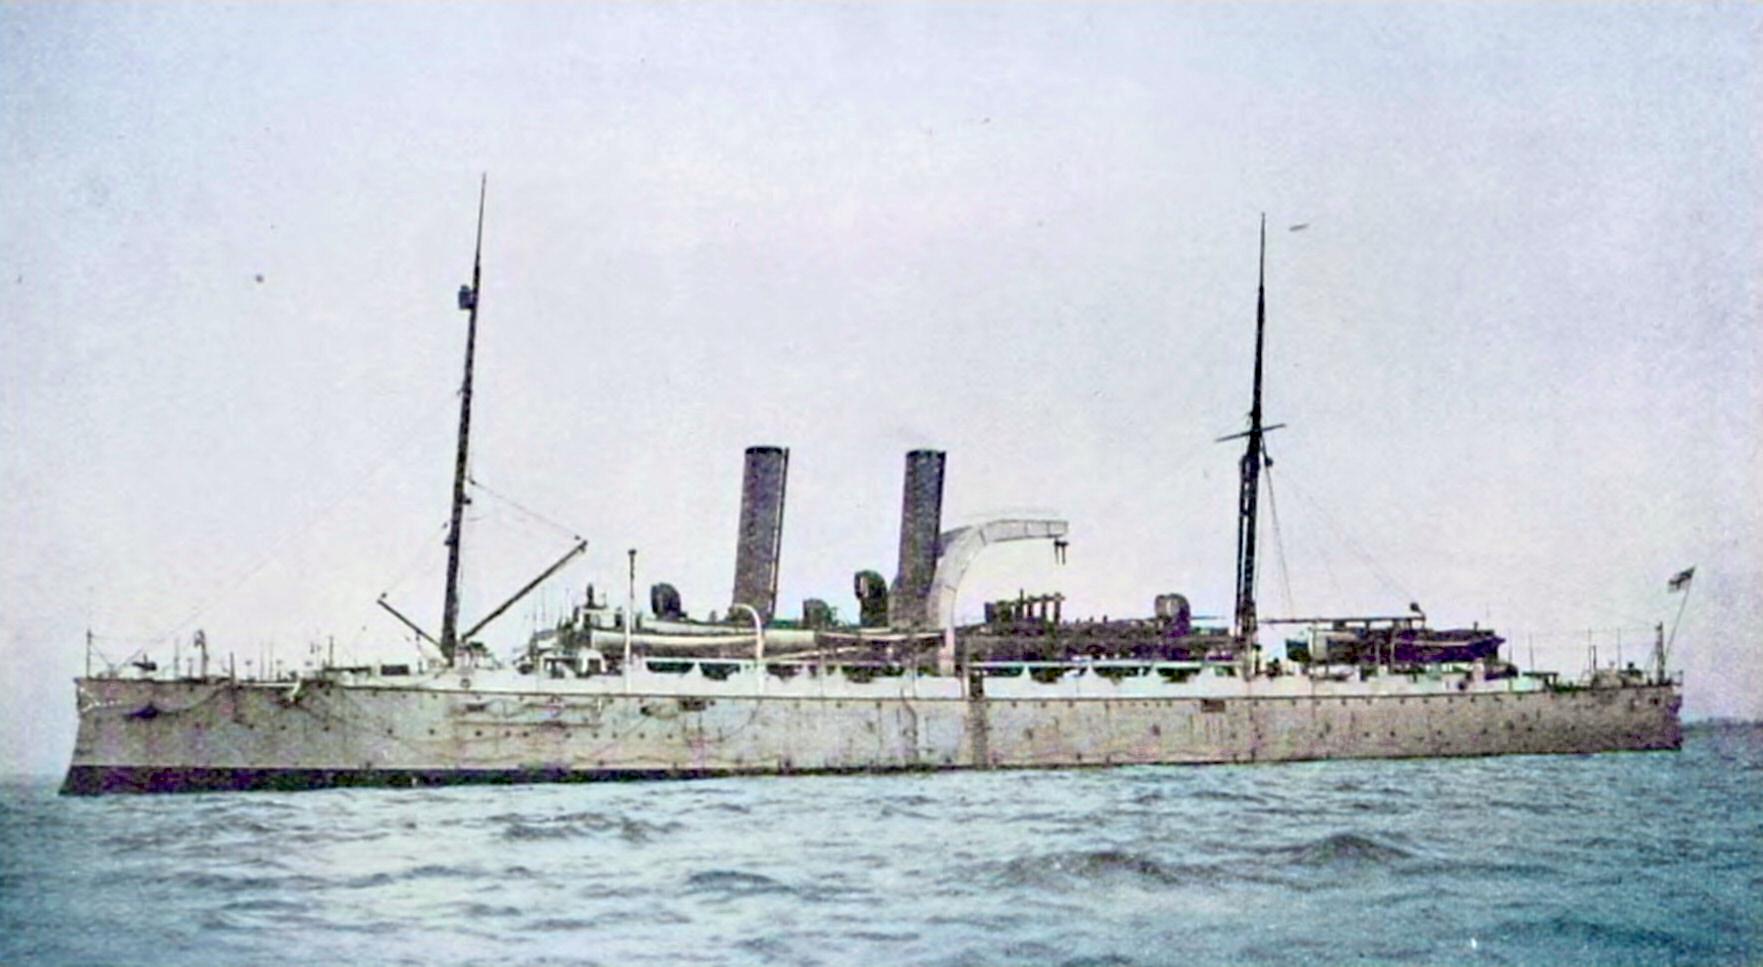 1889 - 1955: Vulcan